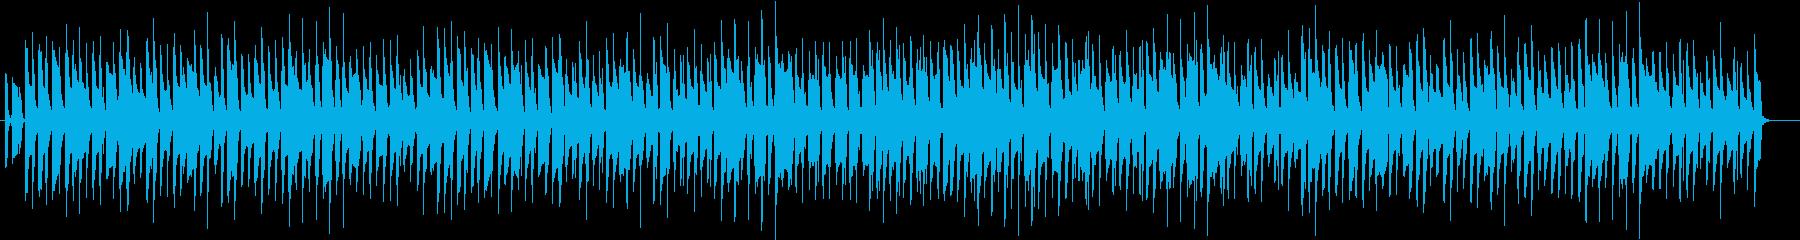 アコーディオンのコミカルなBGMの再生済みの波形